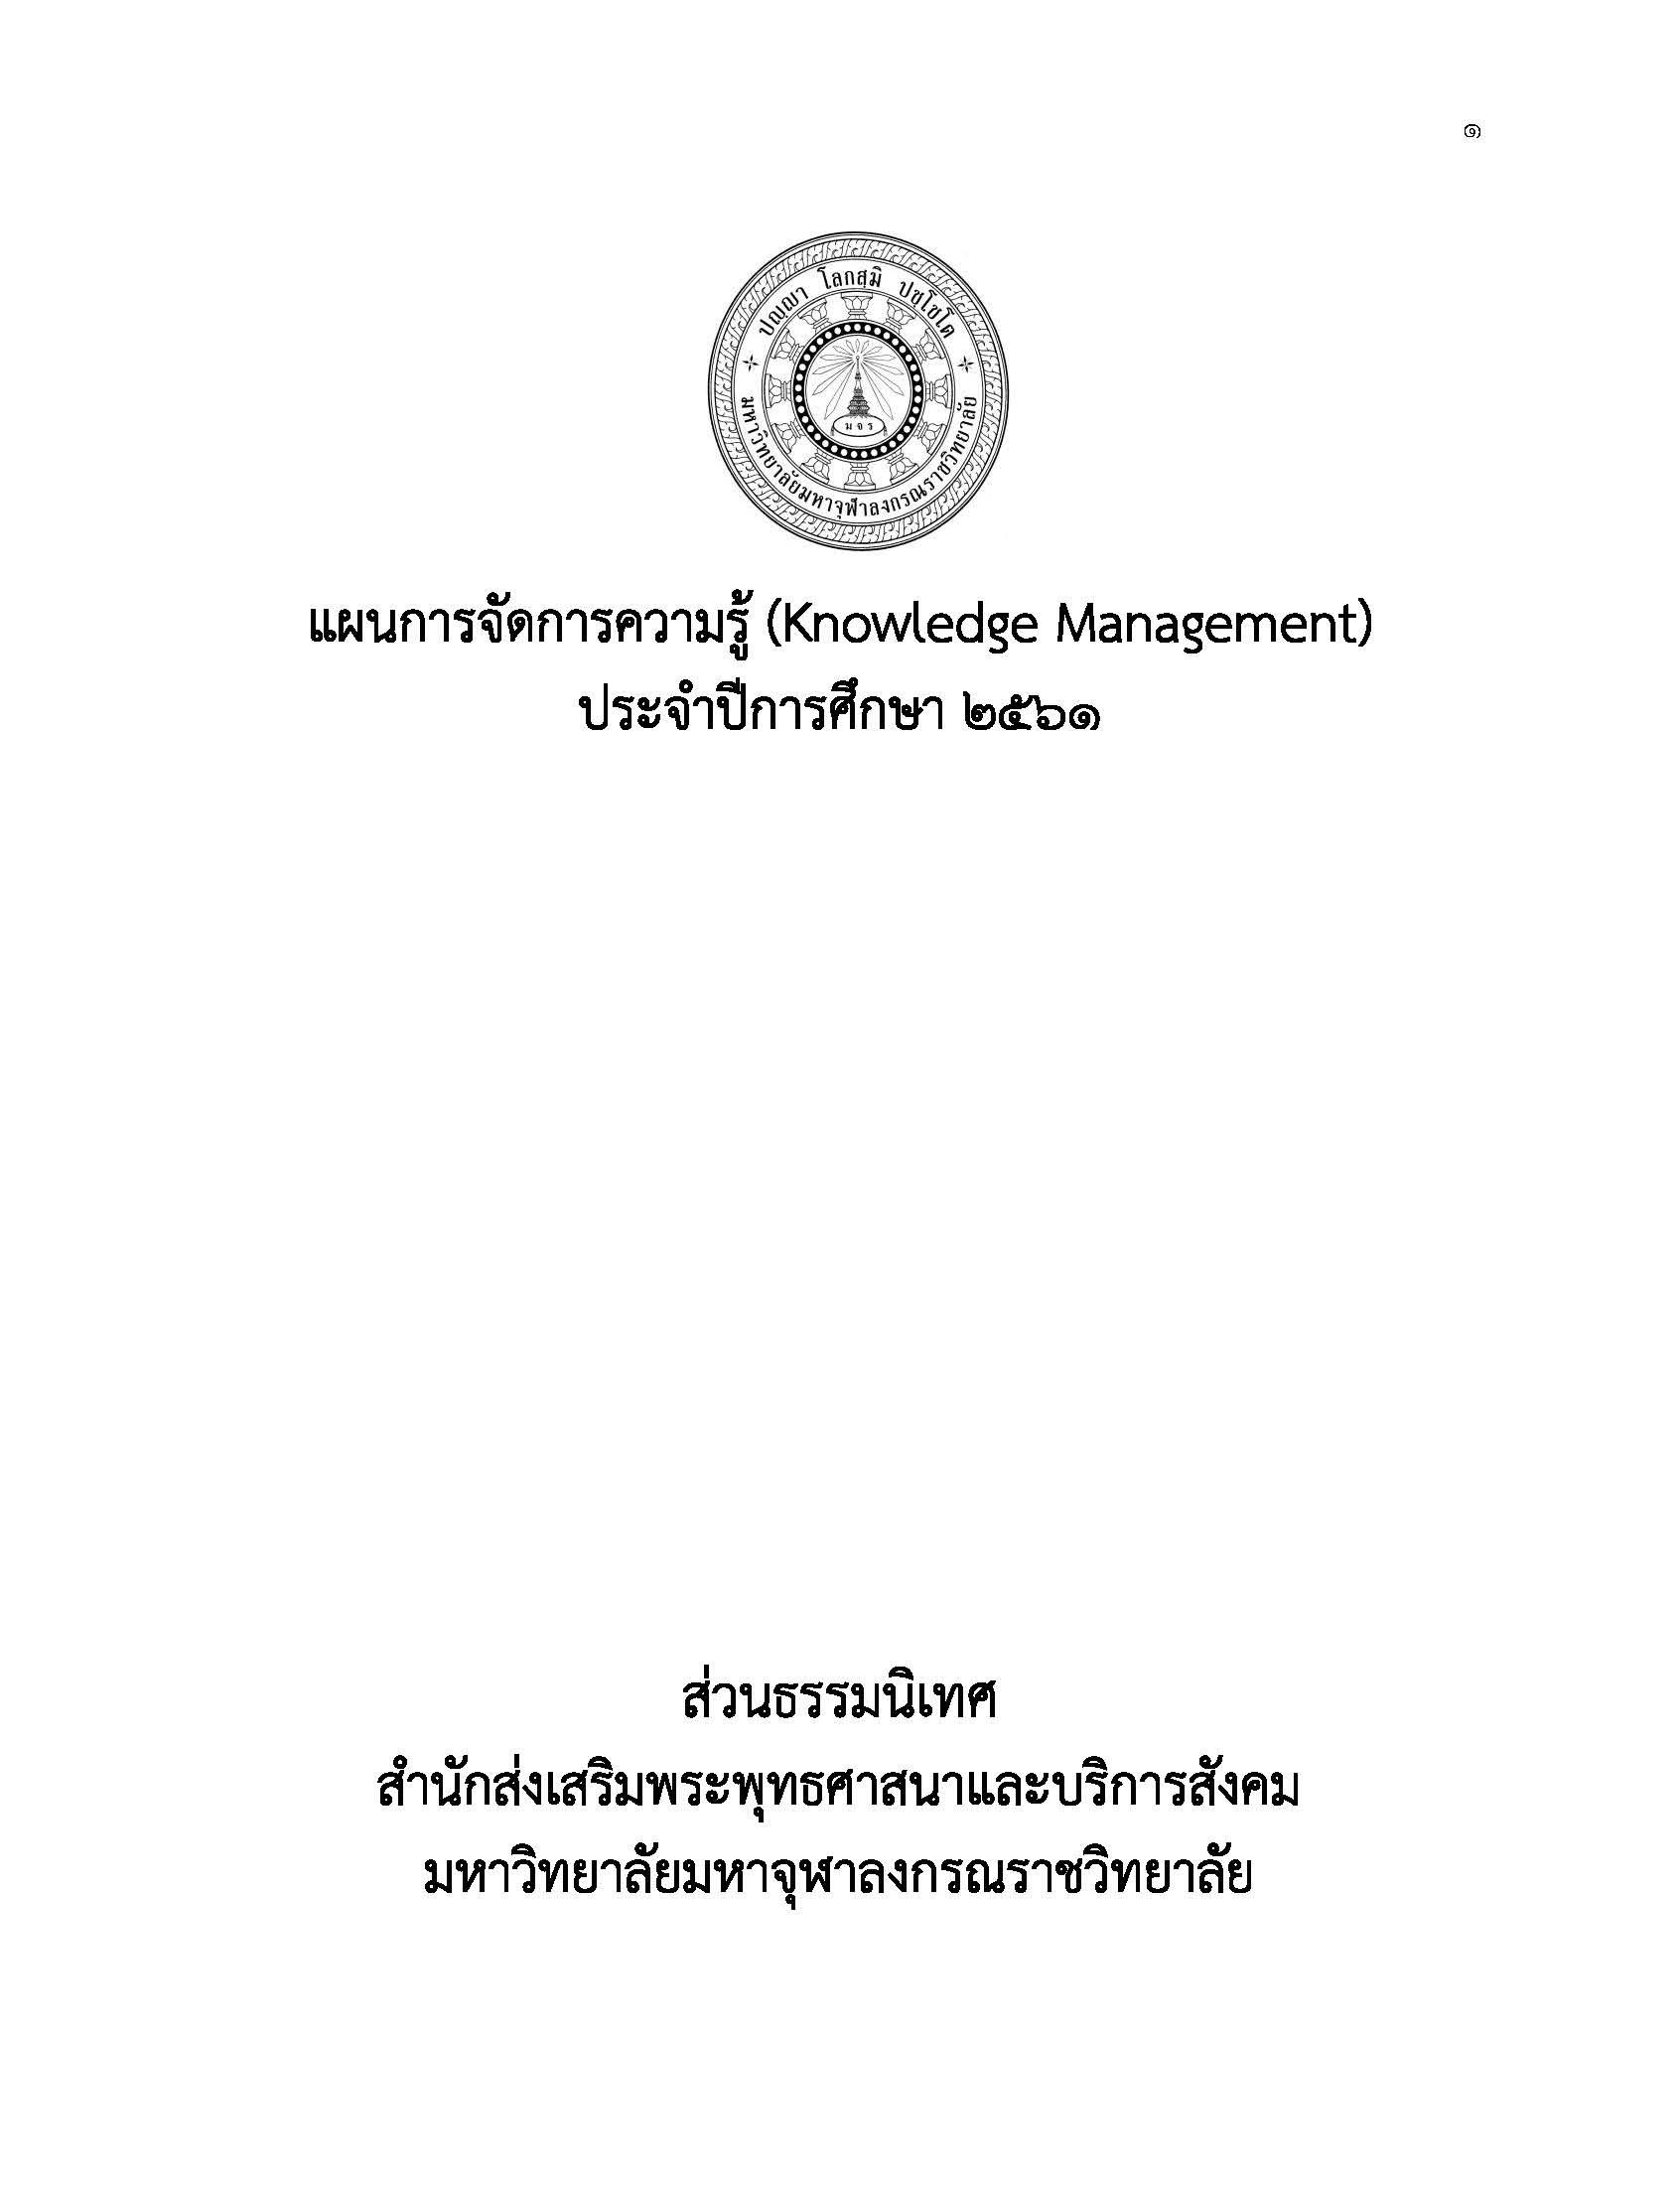 แผนการจัดการความรู้ 2561_Page_01